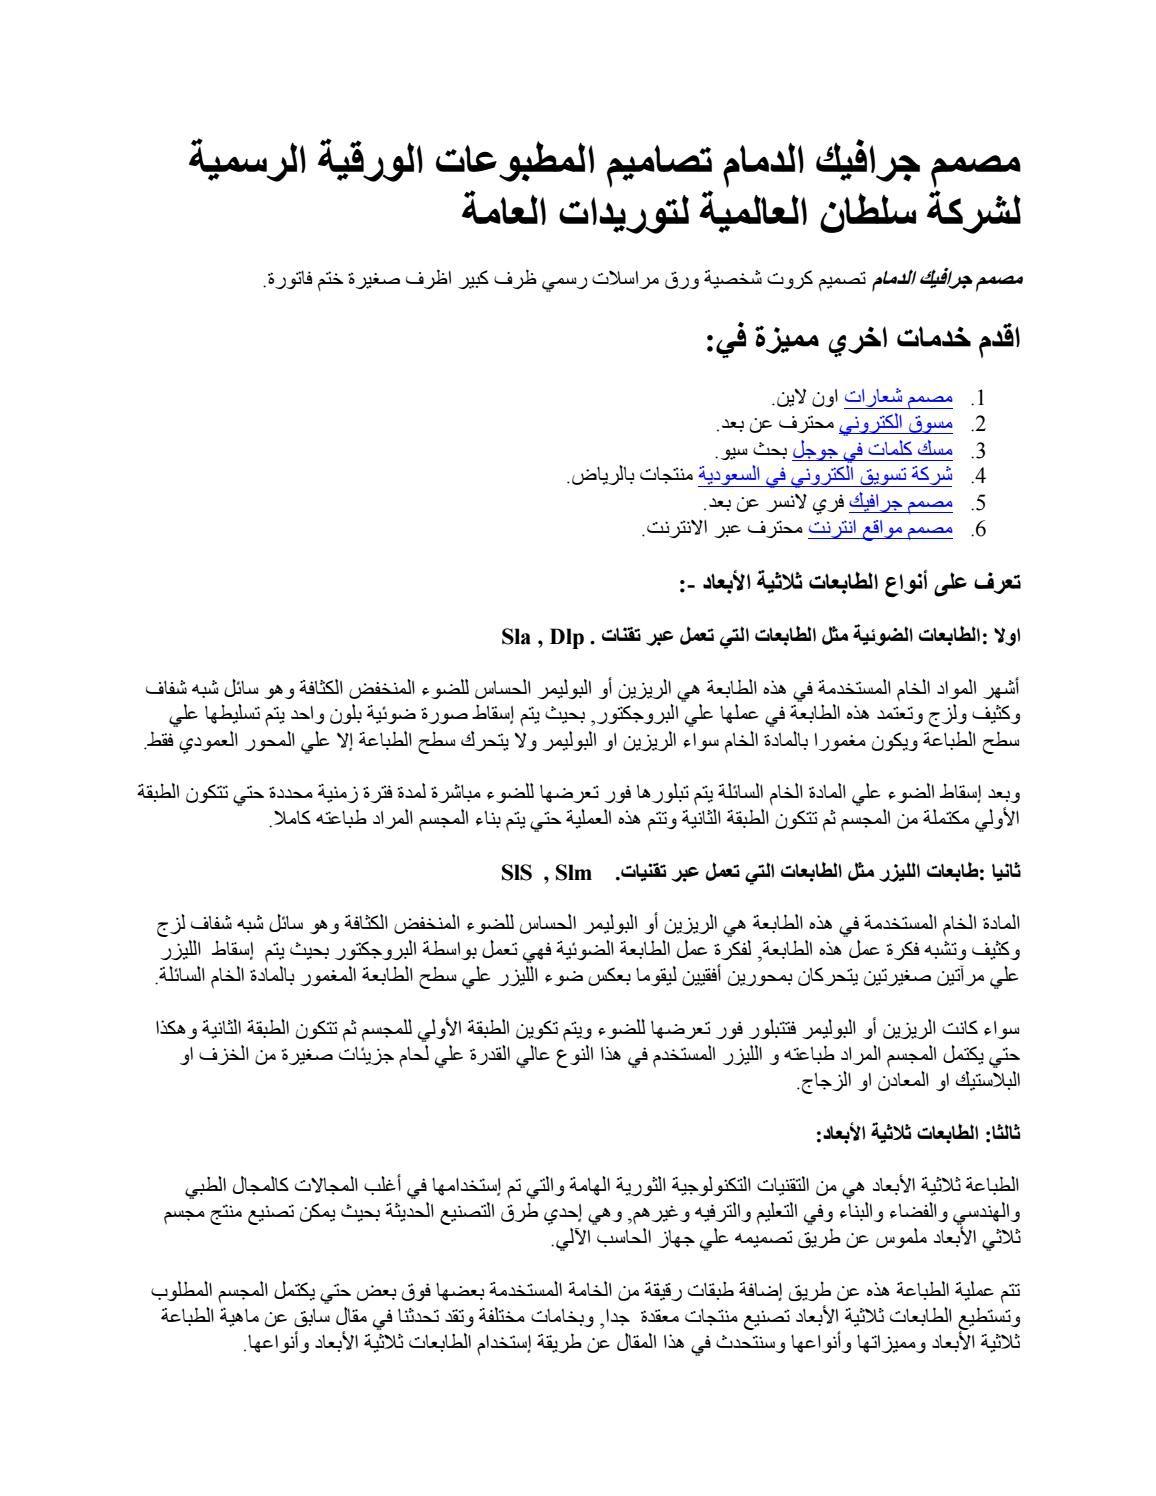 مصمم جرافيك الدمام تصاميم المطبوعات الورقية الرسمية لشركة سلطان العالمية لتوريدات العامة Art